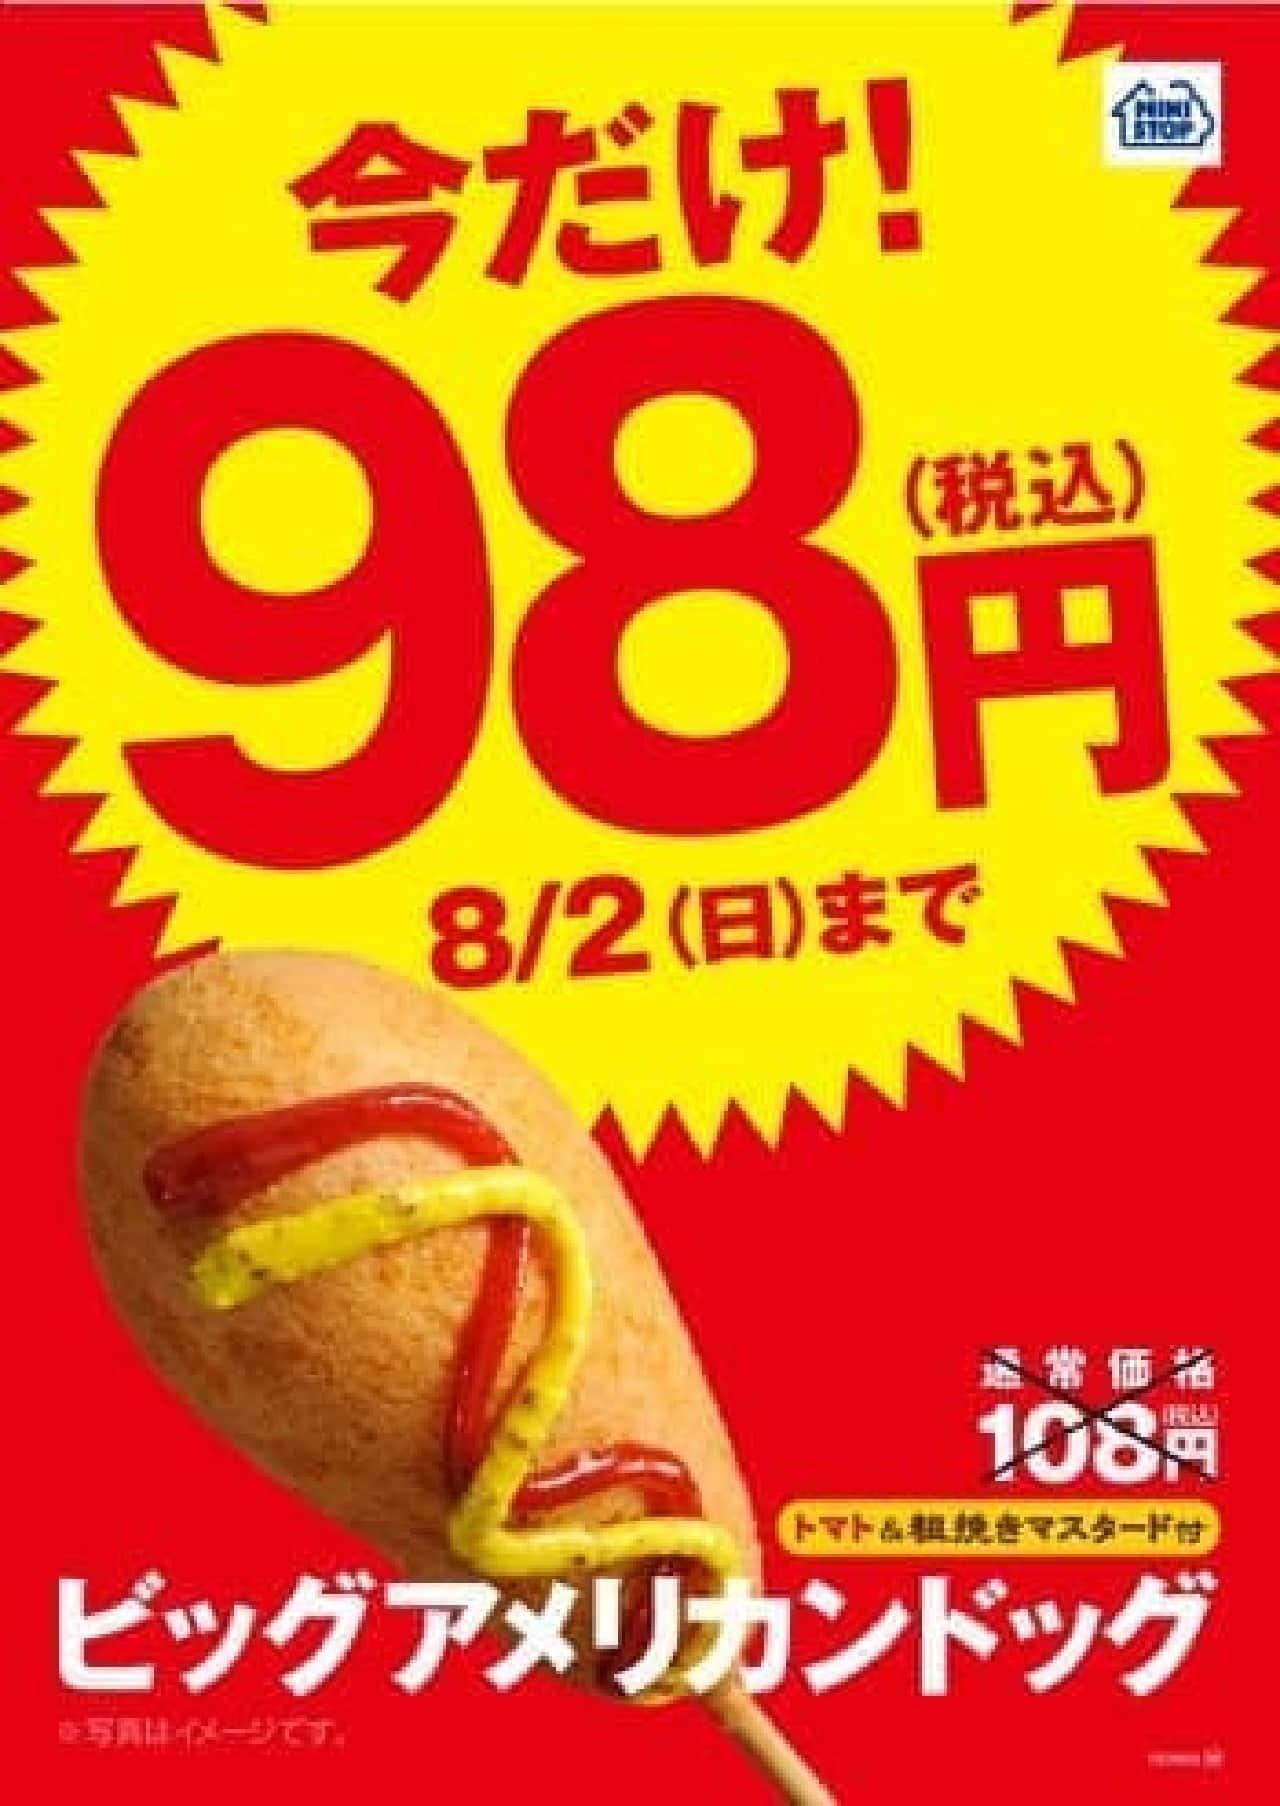 100円玉でおつりが来ちゃう!